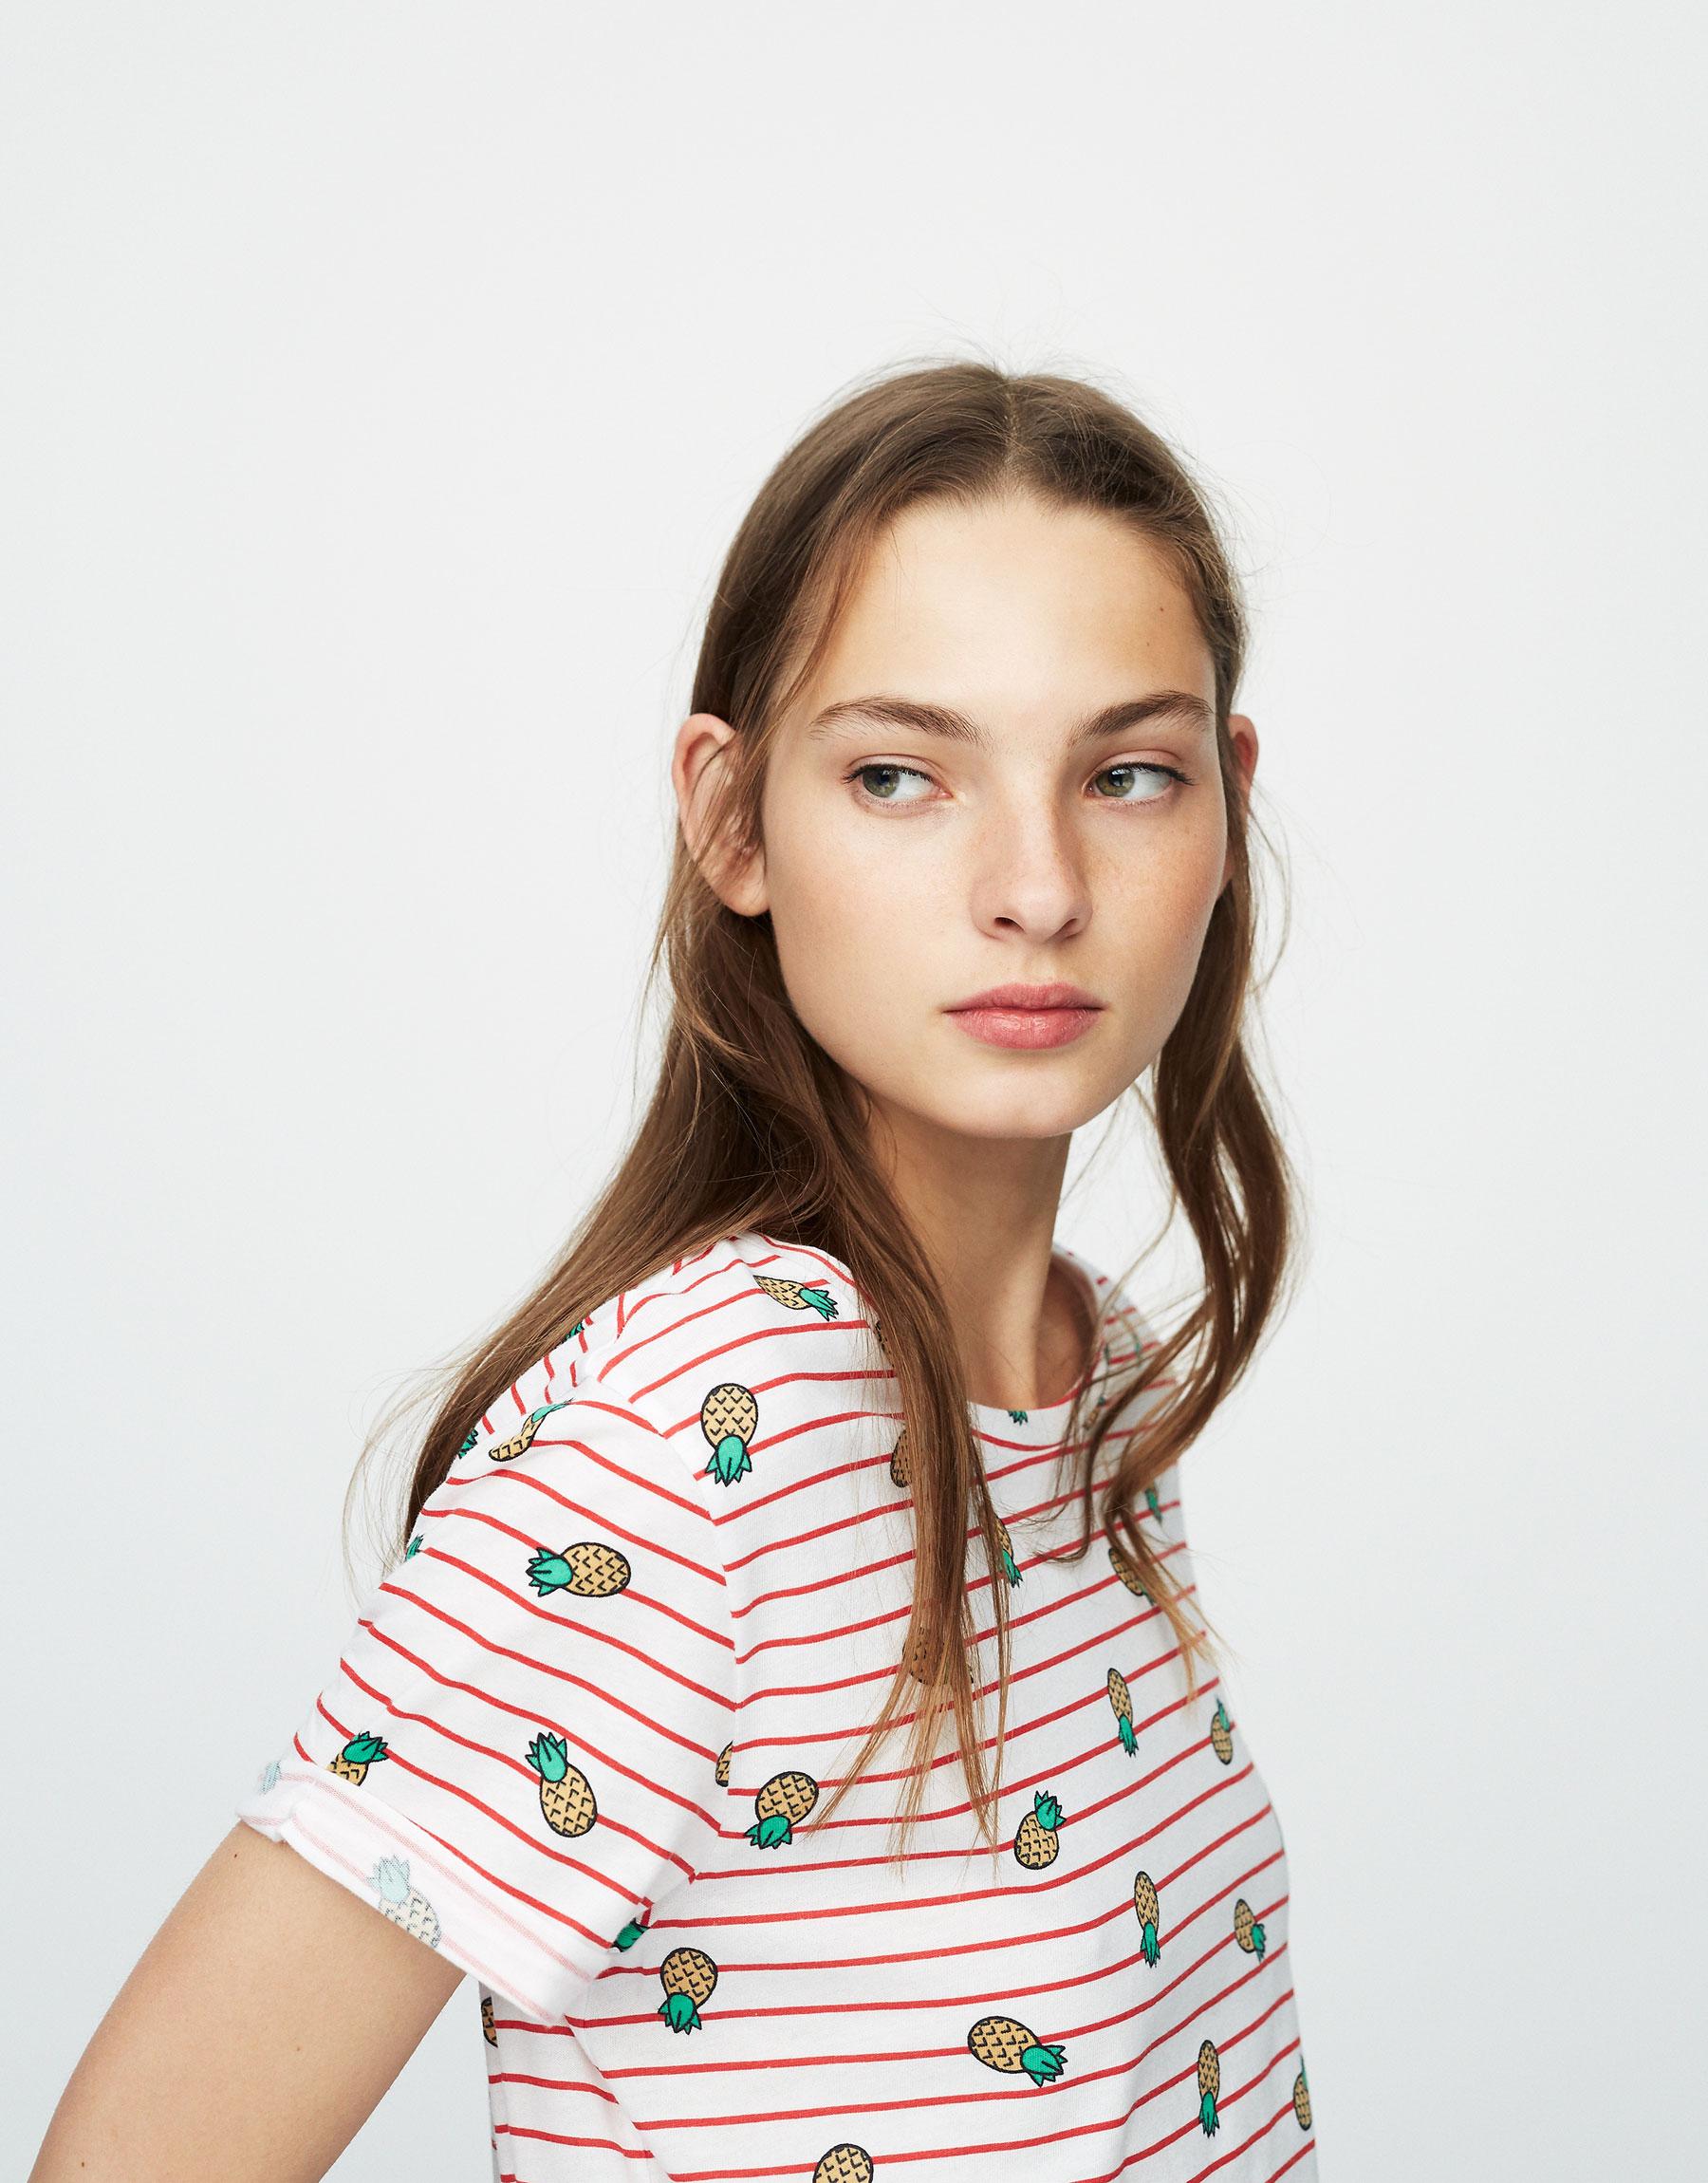 T-shirt com estampado allover com ananases e riscas